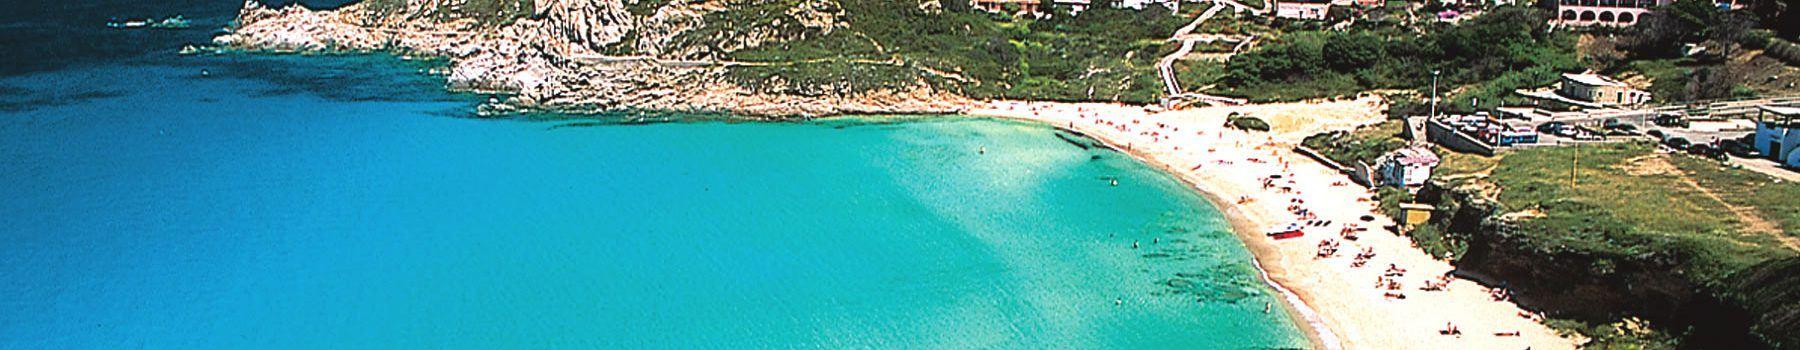 le-pavoncelle-residence-santa-teresa-gallura-spiaggia-1